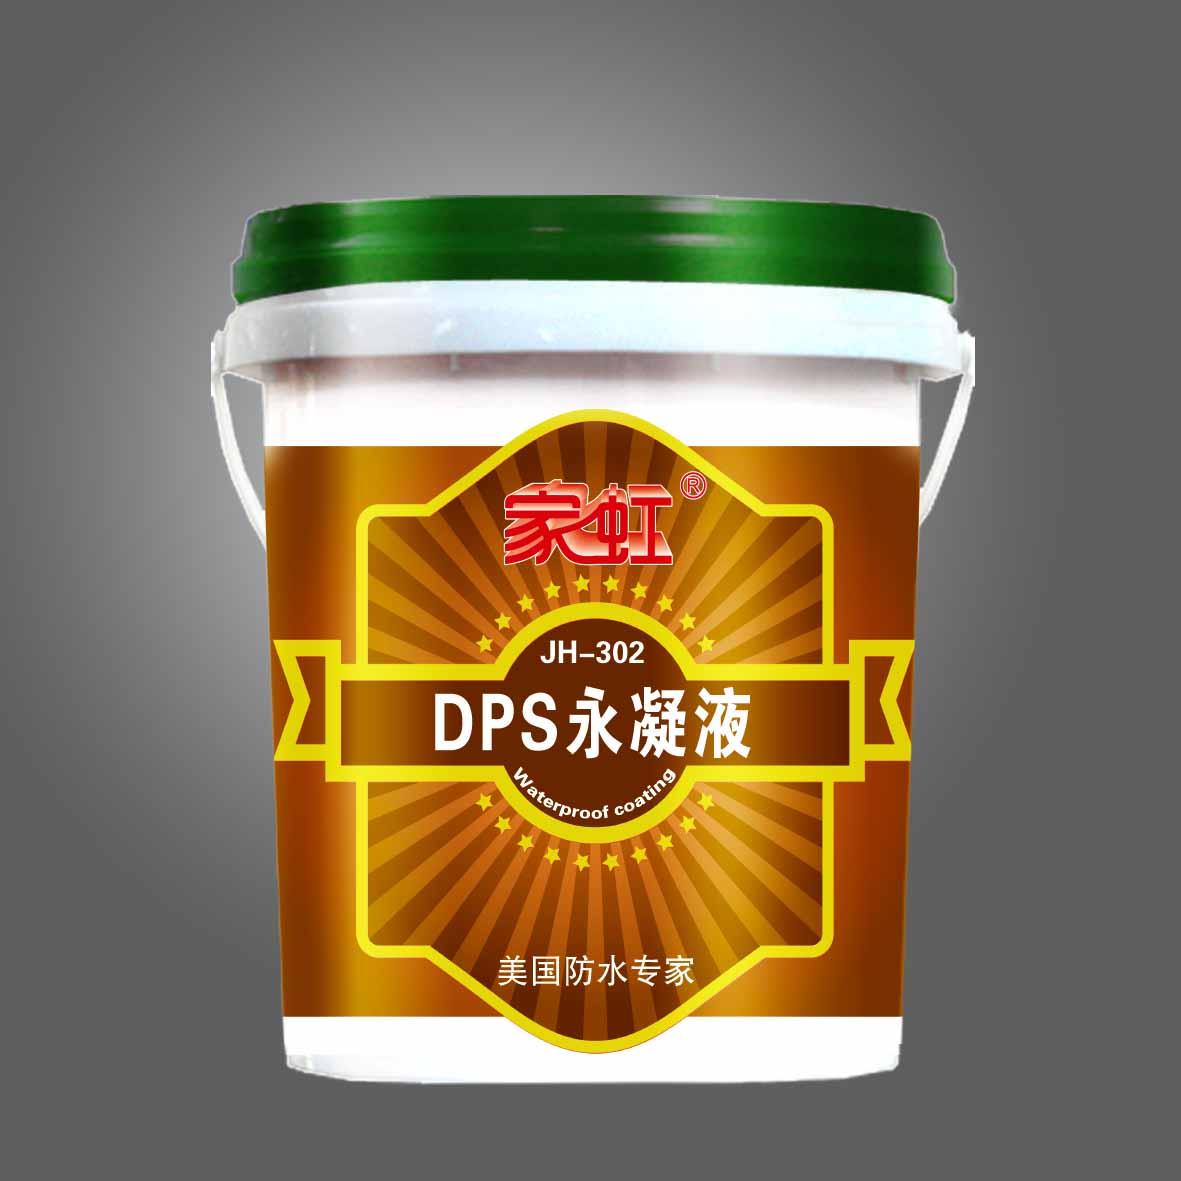 点击查看JH-302家虹DPS永凝液永凝液详细说明